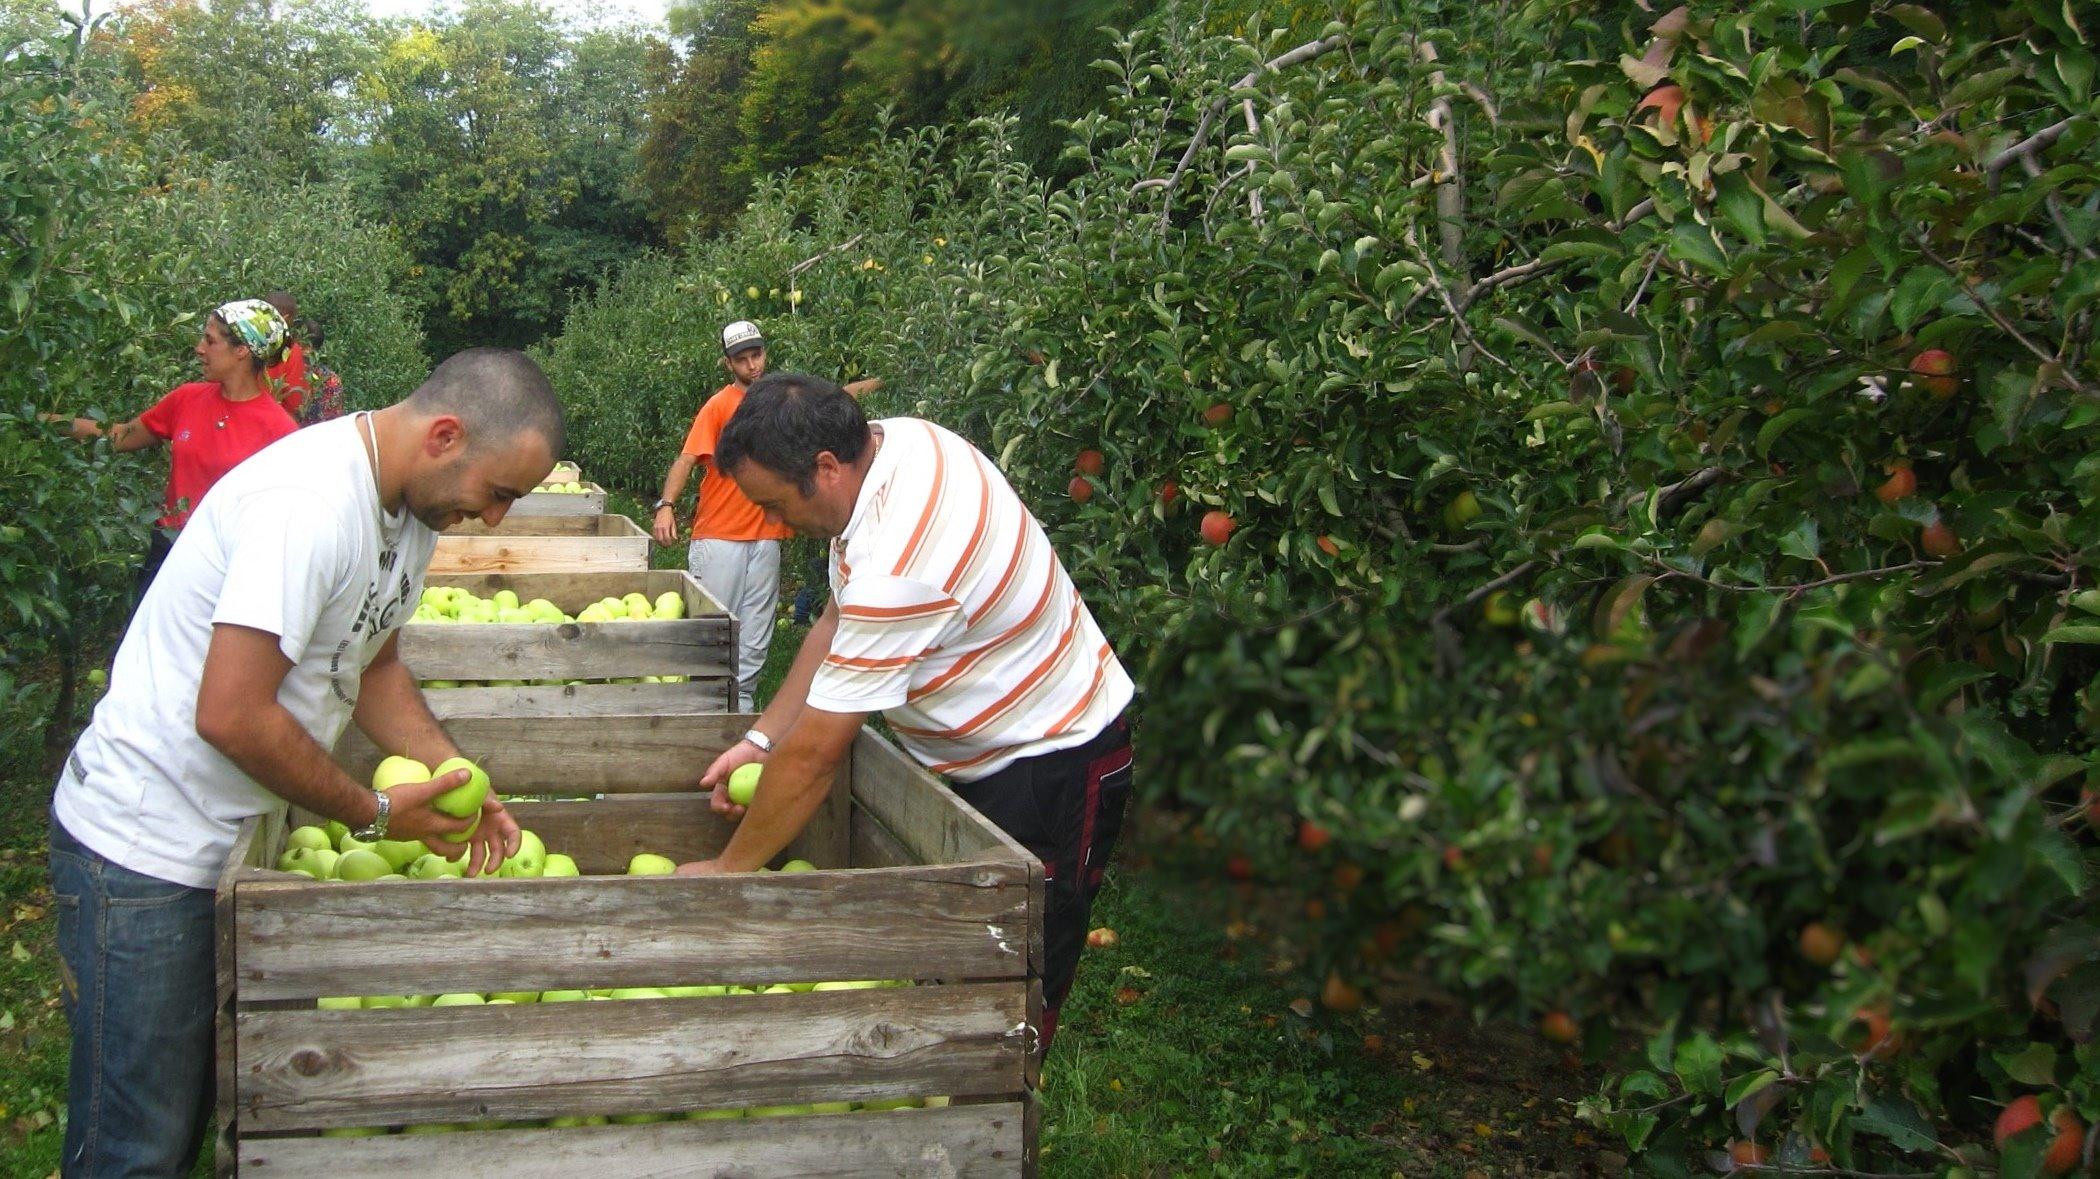 Accueil - Ou trouver des caisses u00e0 pommes ...